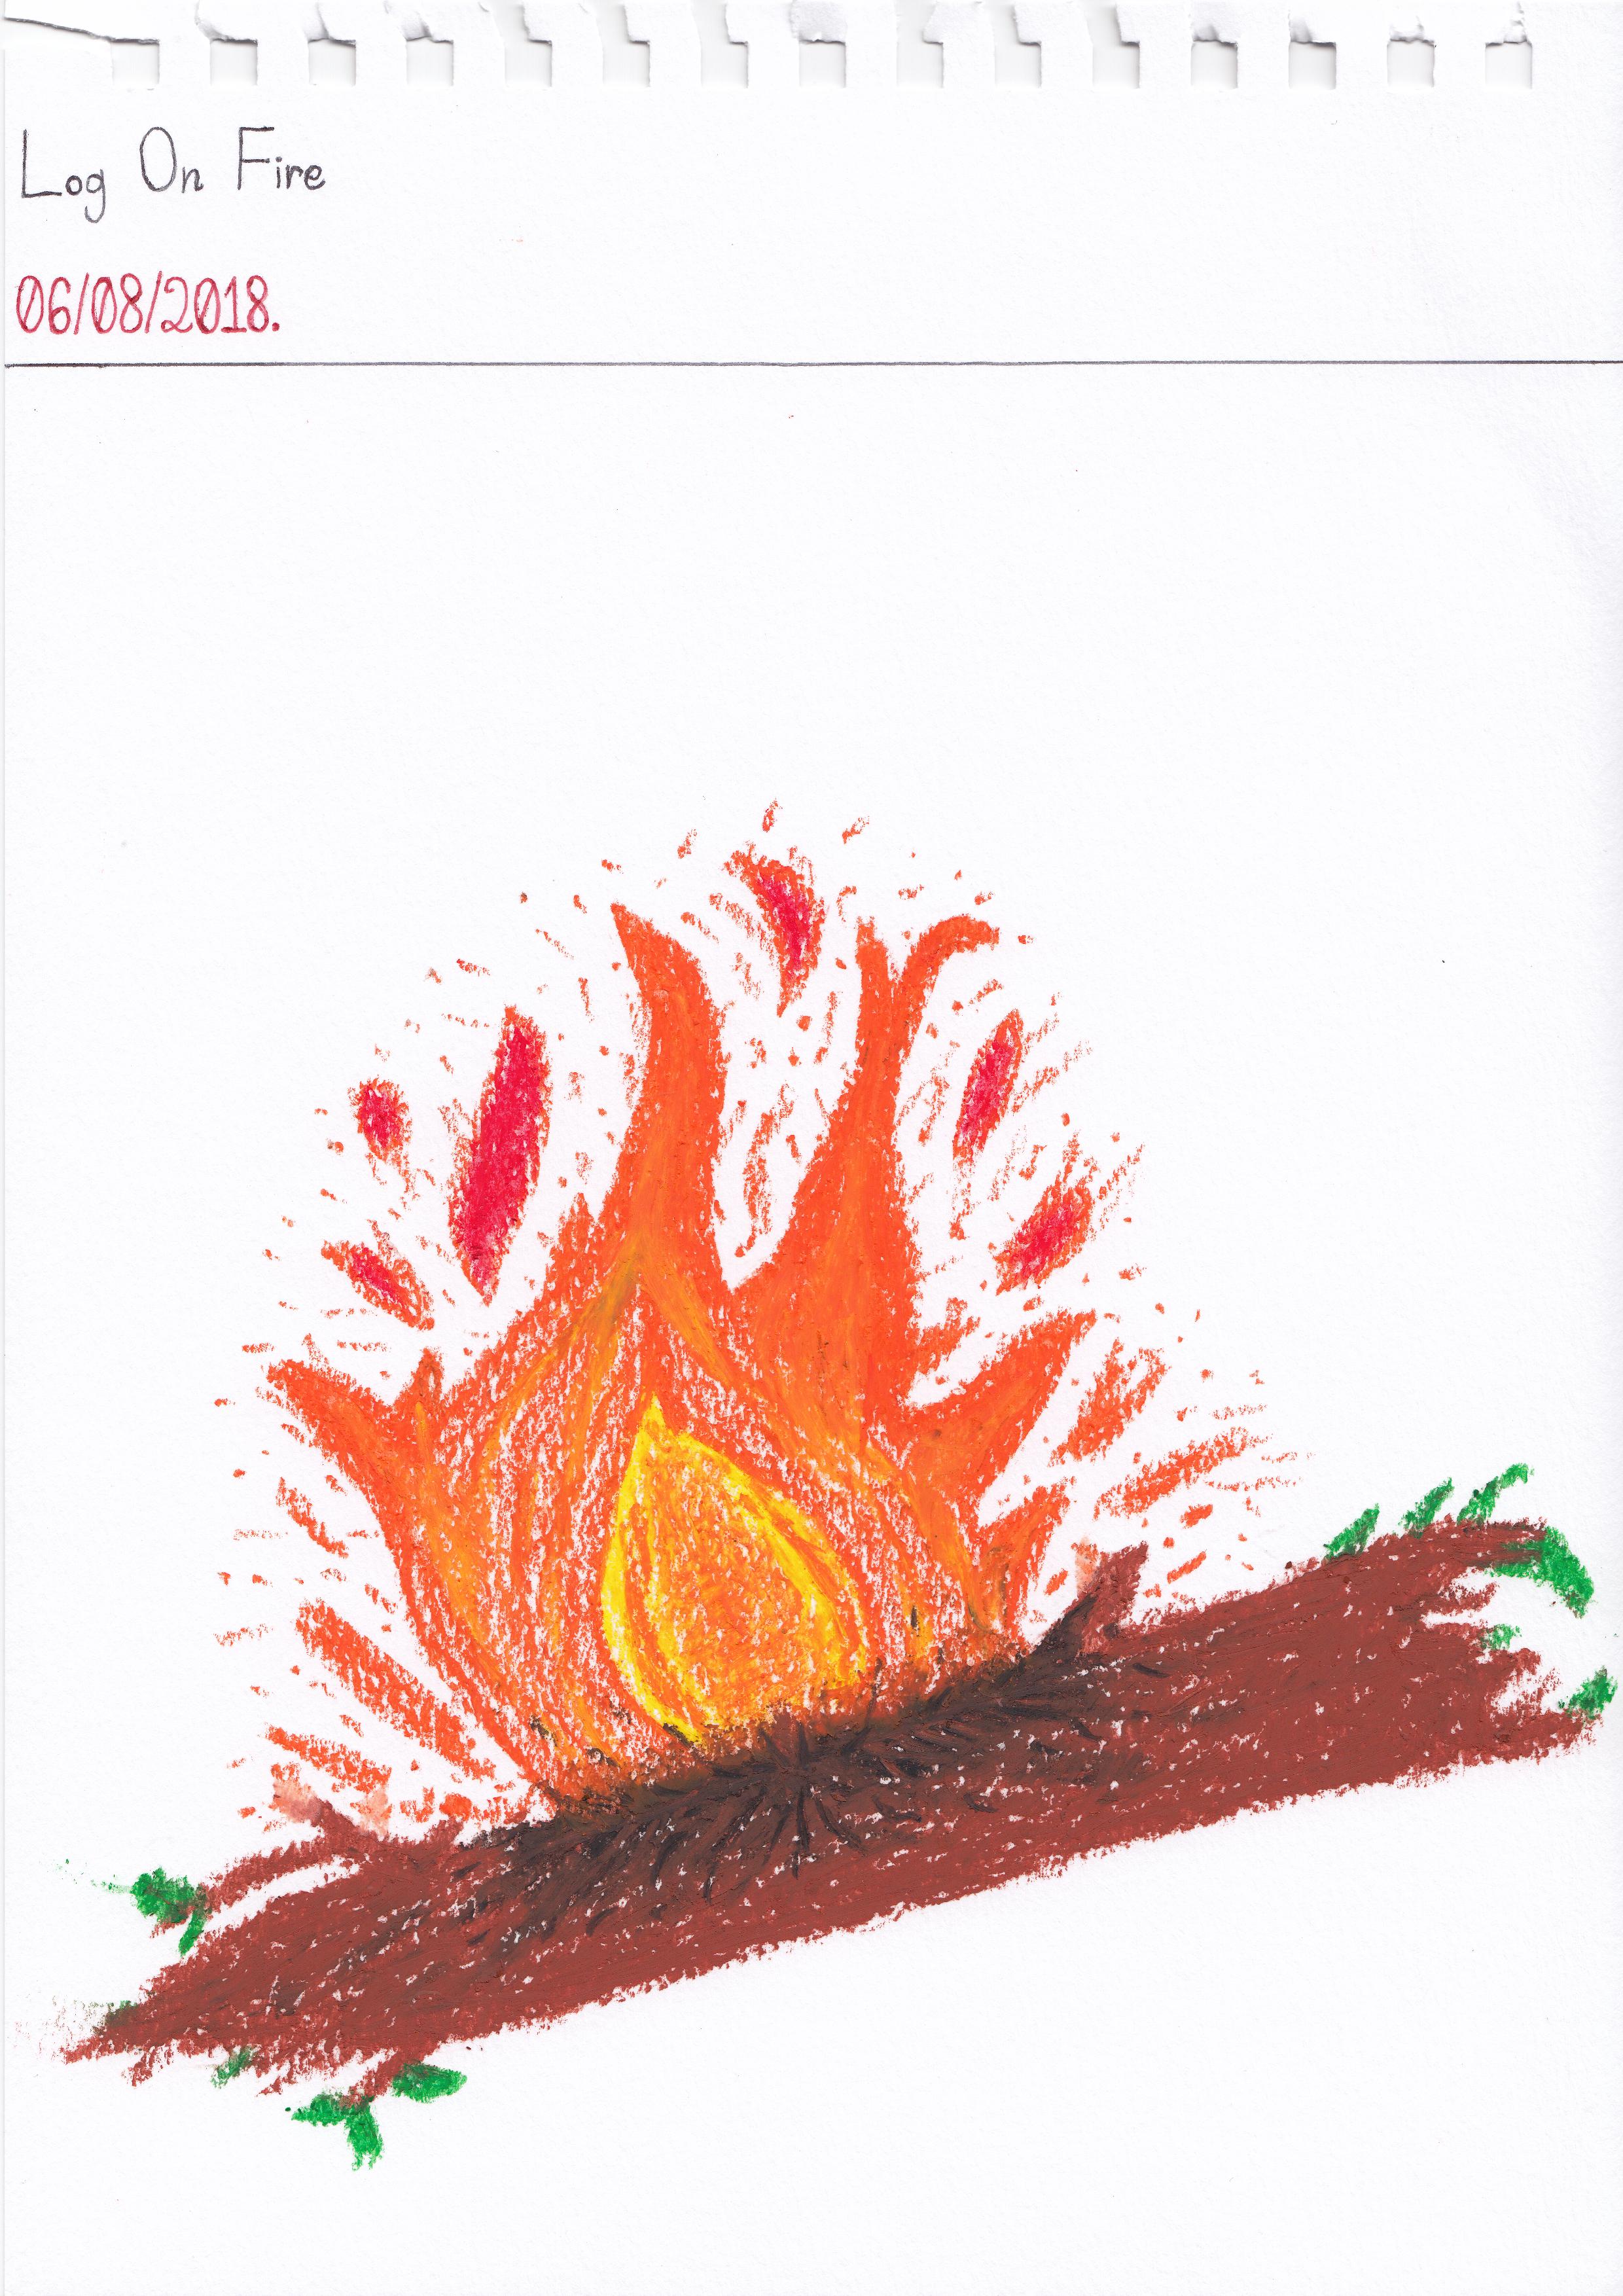 Art #80 -- Log On Fire